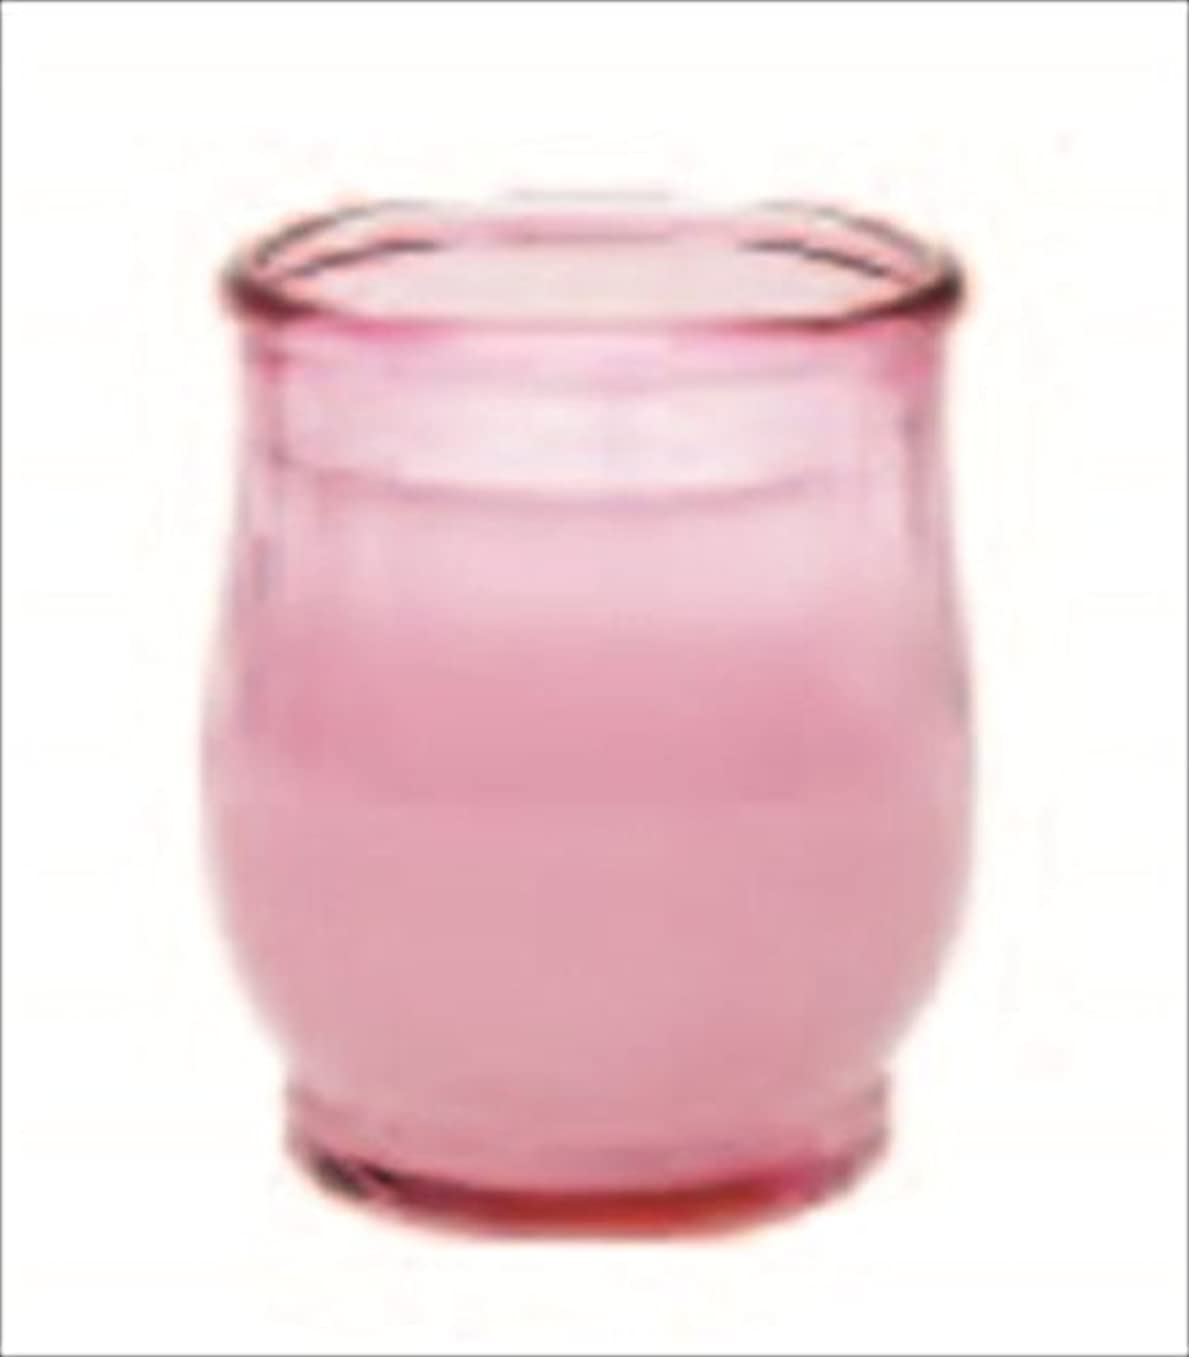 ランク重荷見かけ上kameyama candle(カメヤマキャンドル) ポシェ 「 ピンク 」(73020040P)